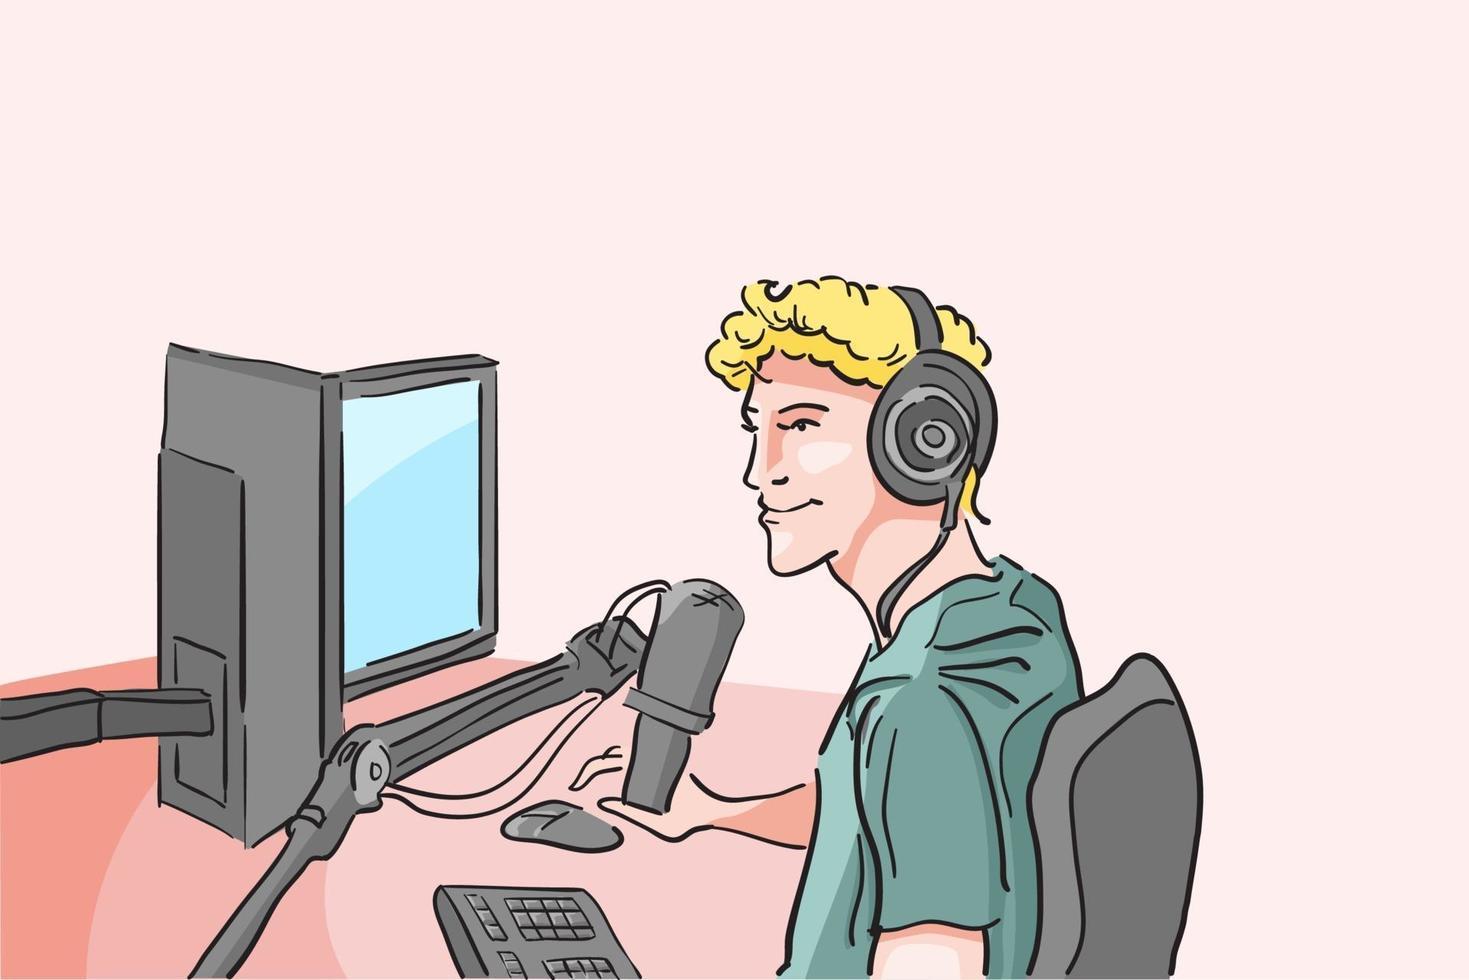 streamer med enheter för streaming, pro player gamer spelar spel online, influencer live podcasting online, programmerare möte med chatt, innehåll för bidragsgivare, platt vektorillustration vektor